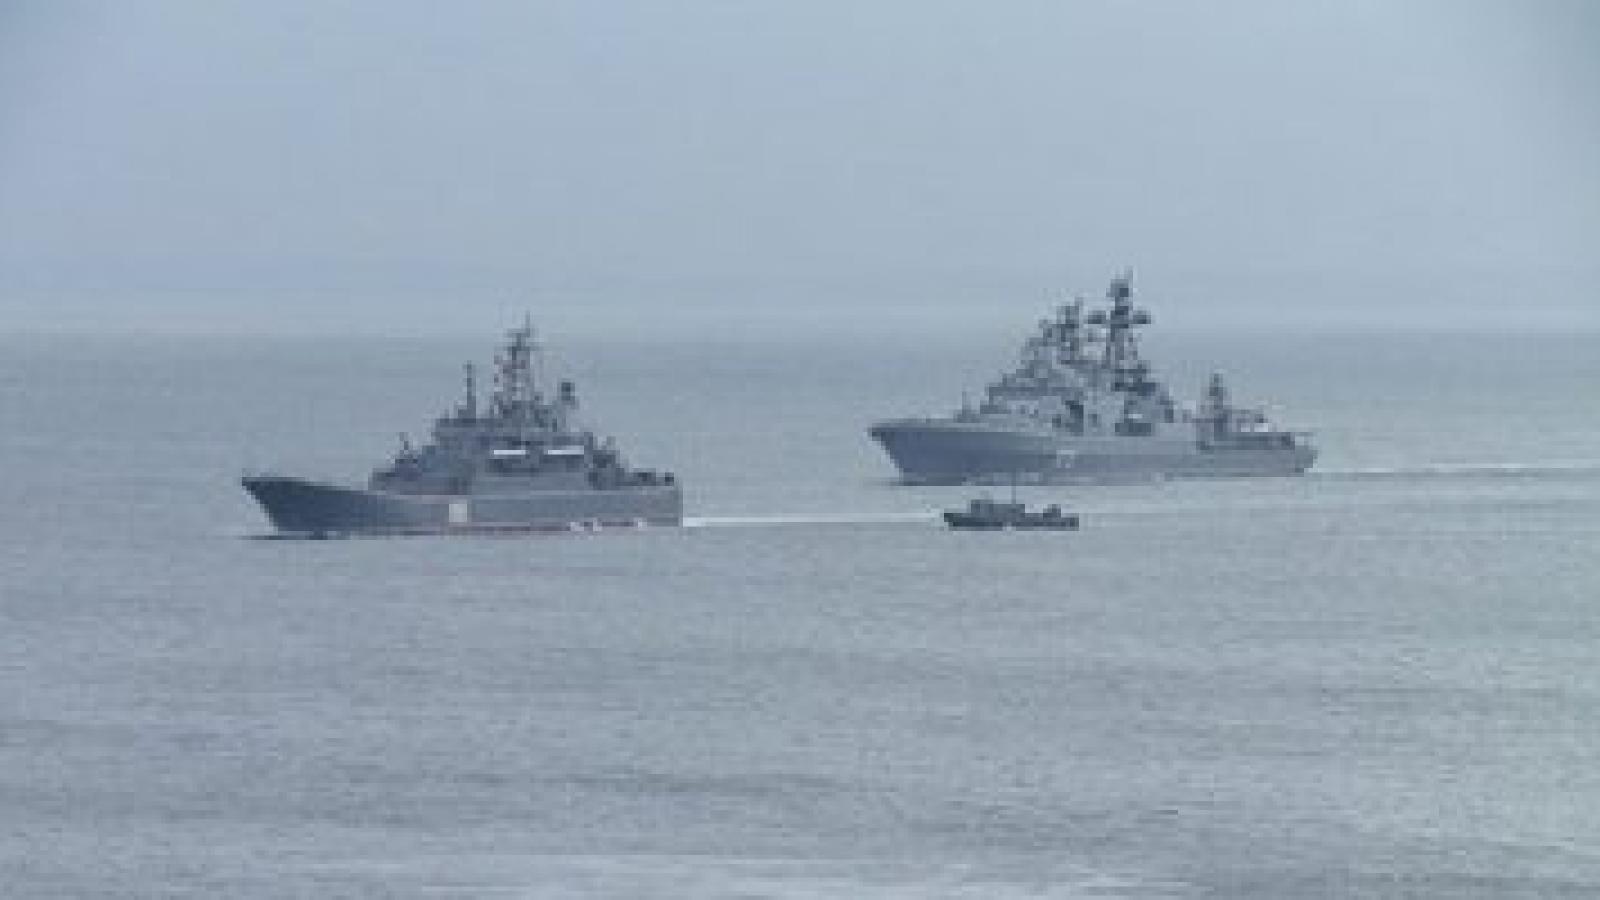 Hải quân Nga tập trận quy mô lớn ở khu vực Thái Bình Dương